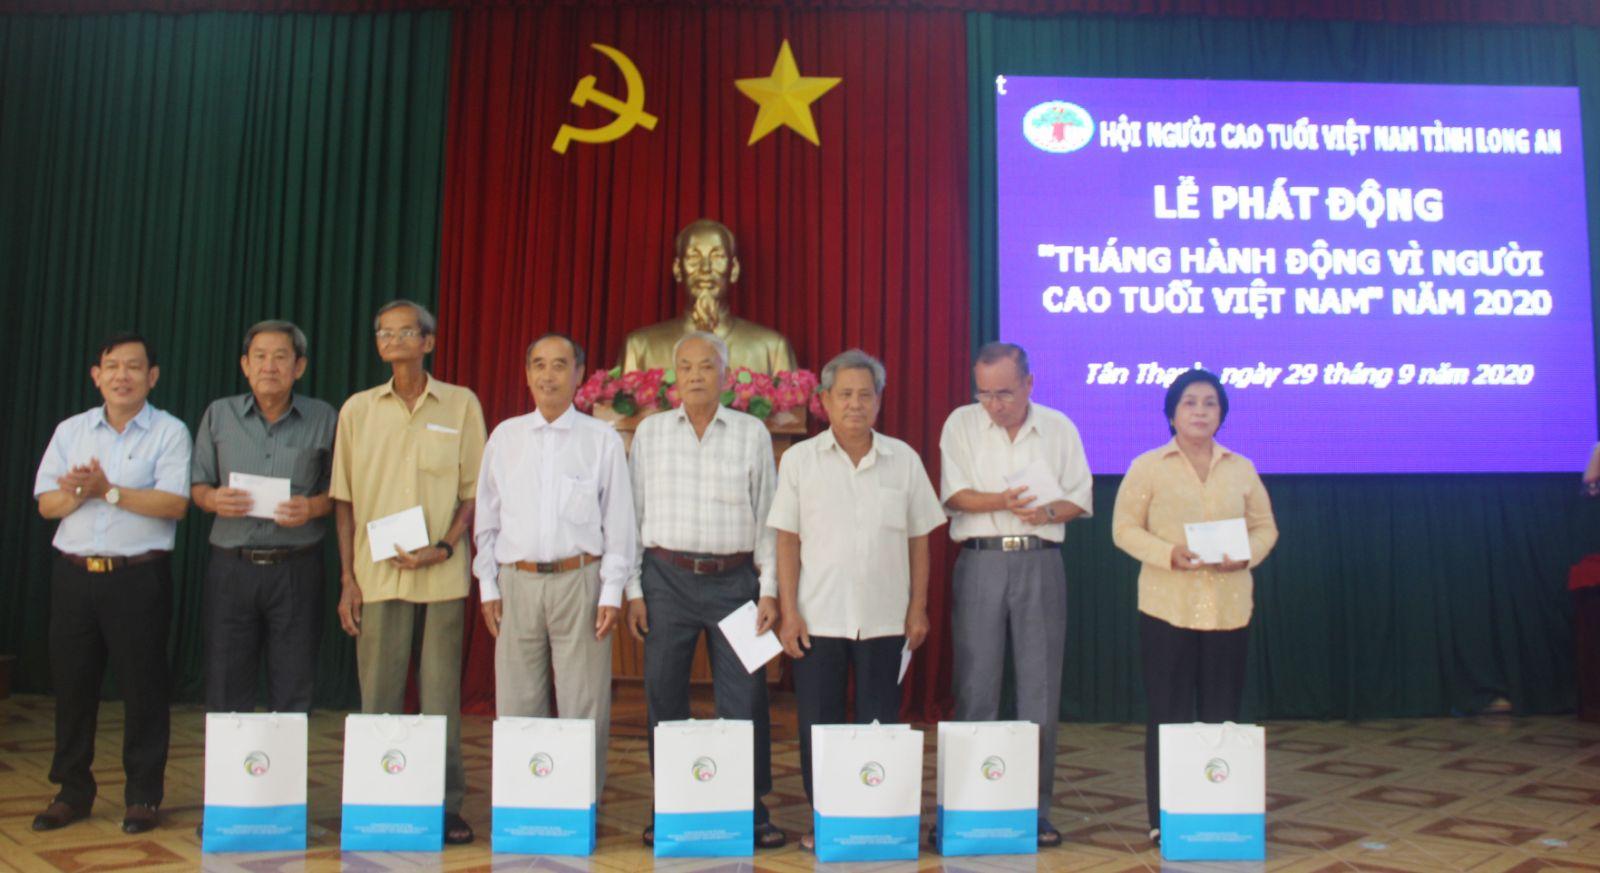 """Hưởng ứng """"Tháng hành động vì người cao tuổi"""", Ban Đại diện Hội NCT tỉnh đã trao tặng 20 suất quà cho các hội viên NCT tiêu biểu trên địa bàn huyện Tân Thạnh"""